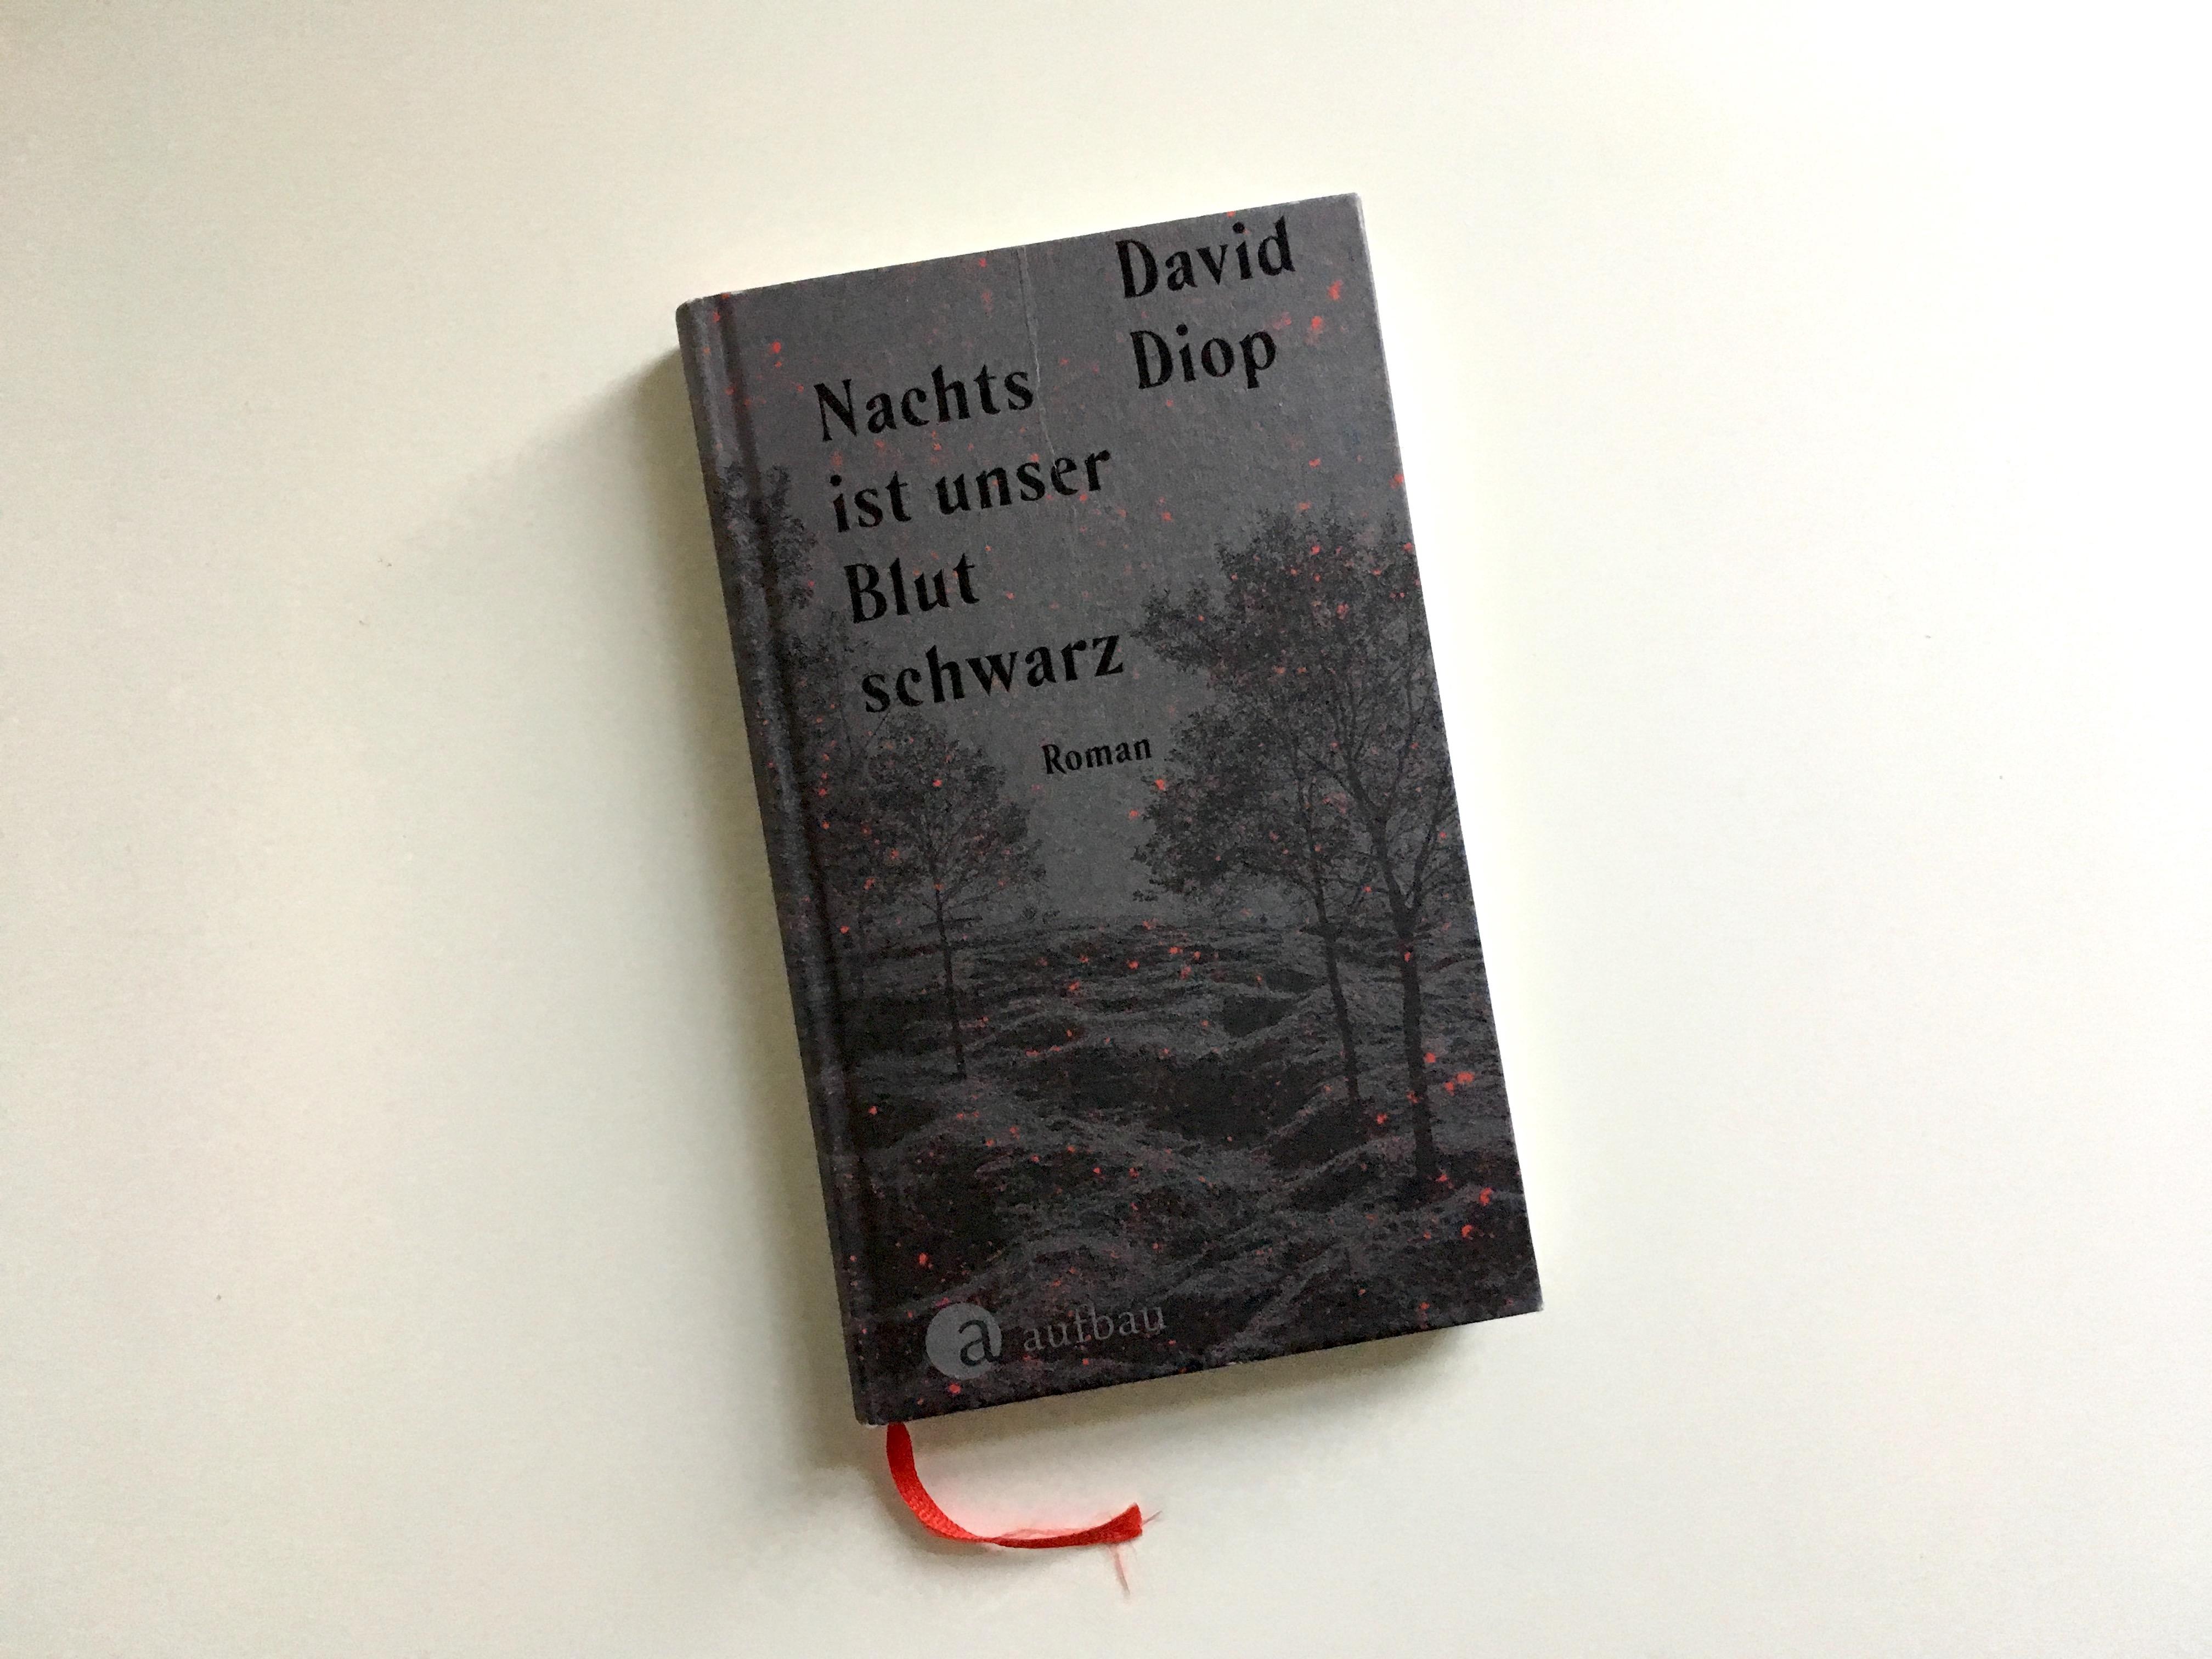 David Diop: Nachts ist unser Blut schwarz